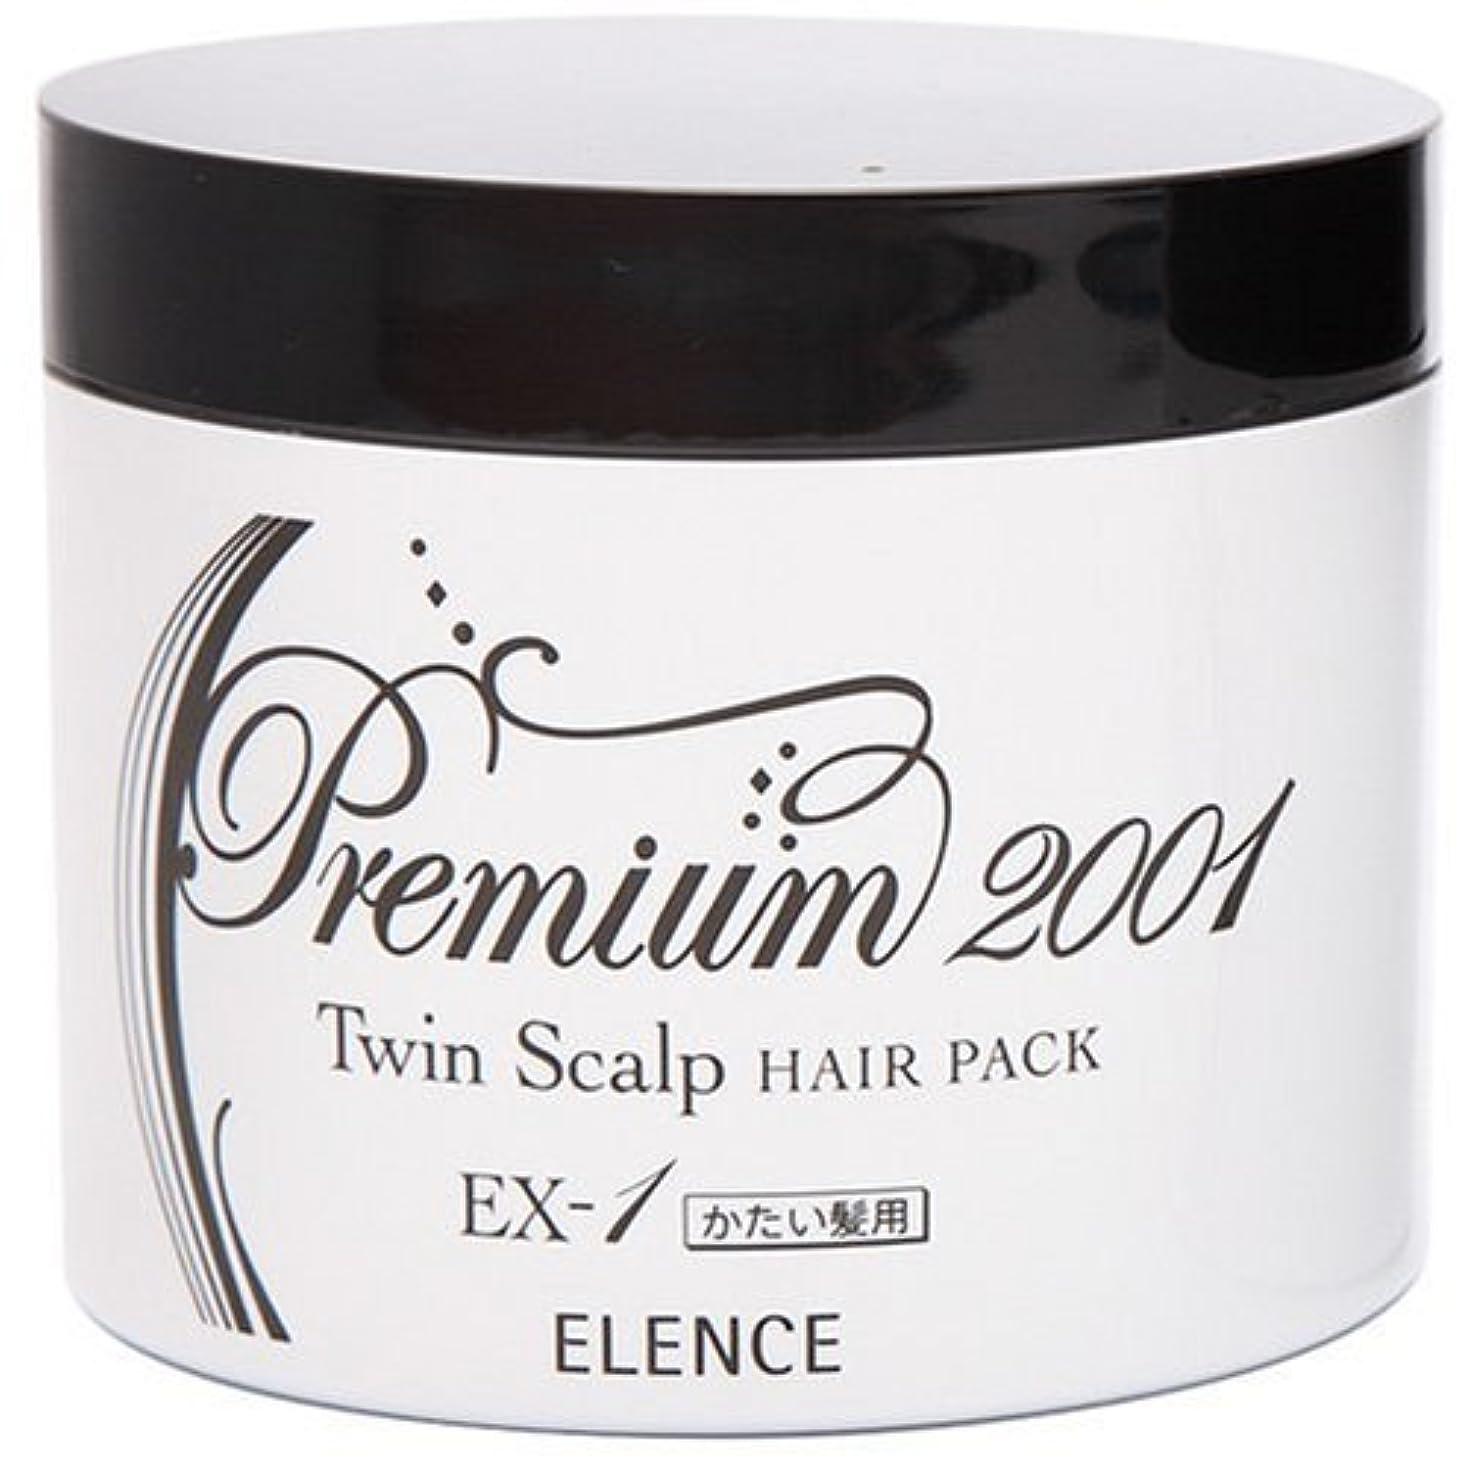 アラビア語ハント隣人エレンス2001 ツインスキャルプヘアパックEX-1(かたい髪用)